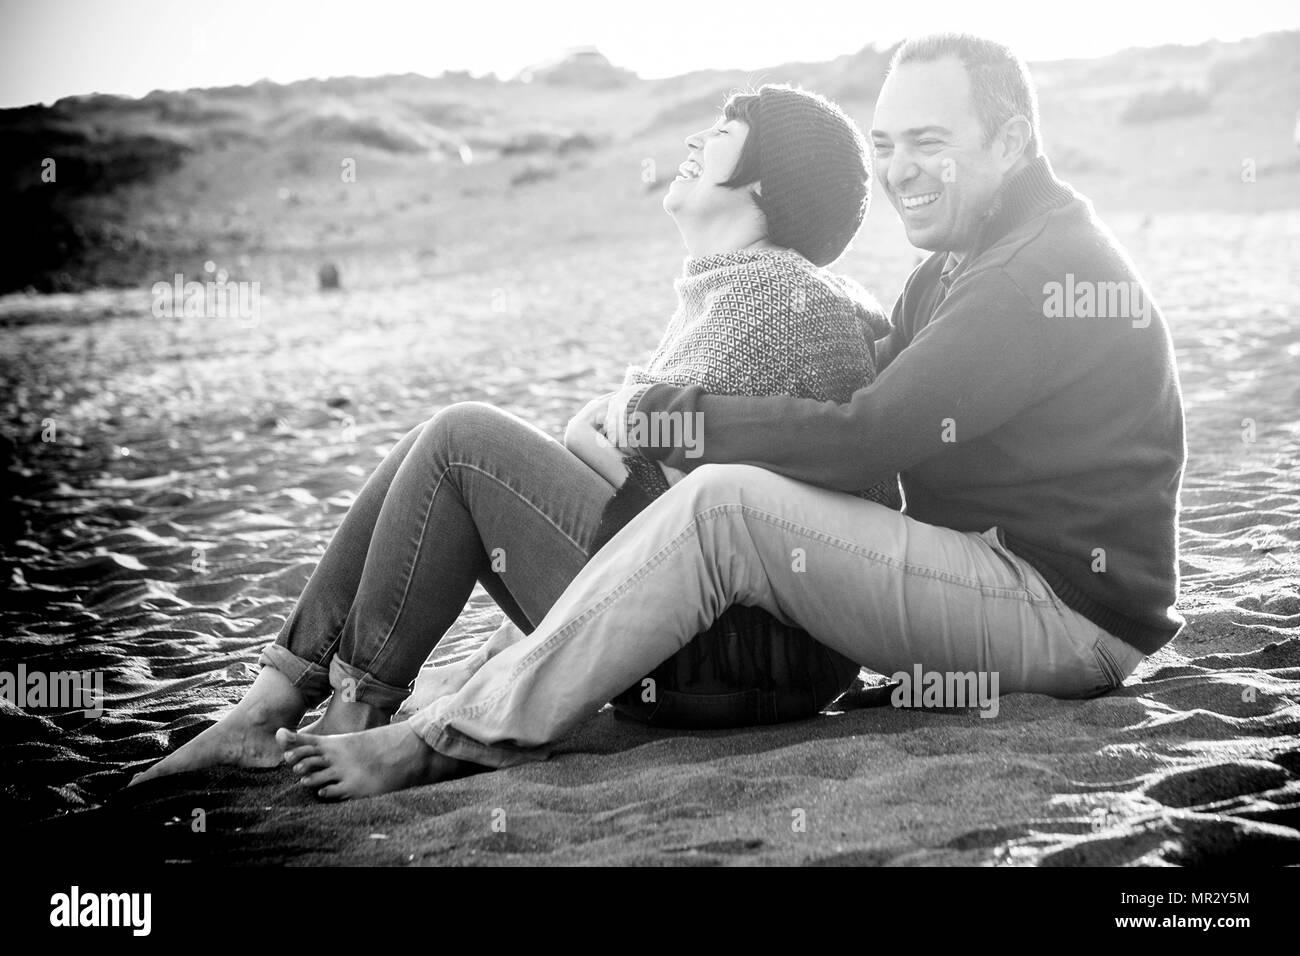 Carino l uomo e la donna sono di mezza età divertendosi in amore in spiaggia all'aperto. Le attività per il tempo libero e un grande sorriso e ridere per la signora. l'uomo abbracciare il suo. ro Immagini Stock